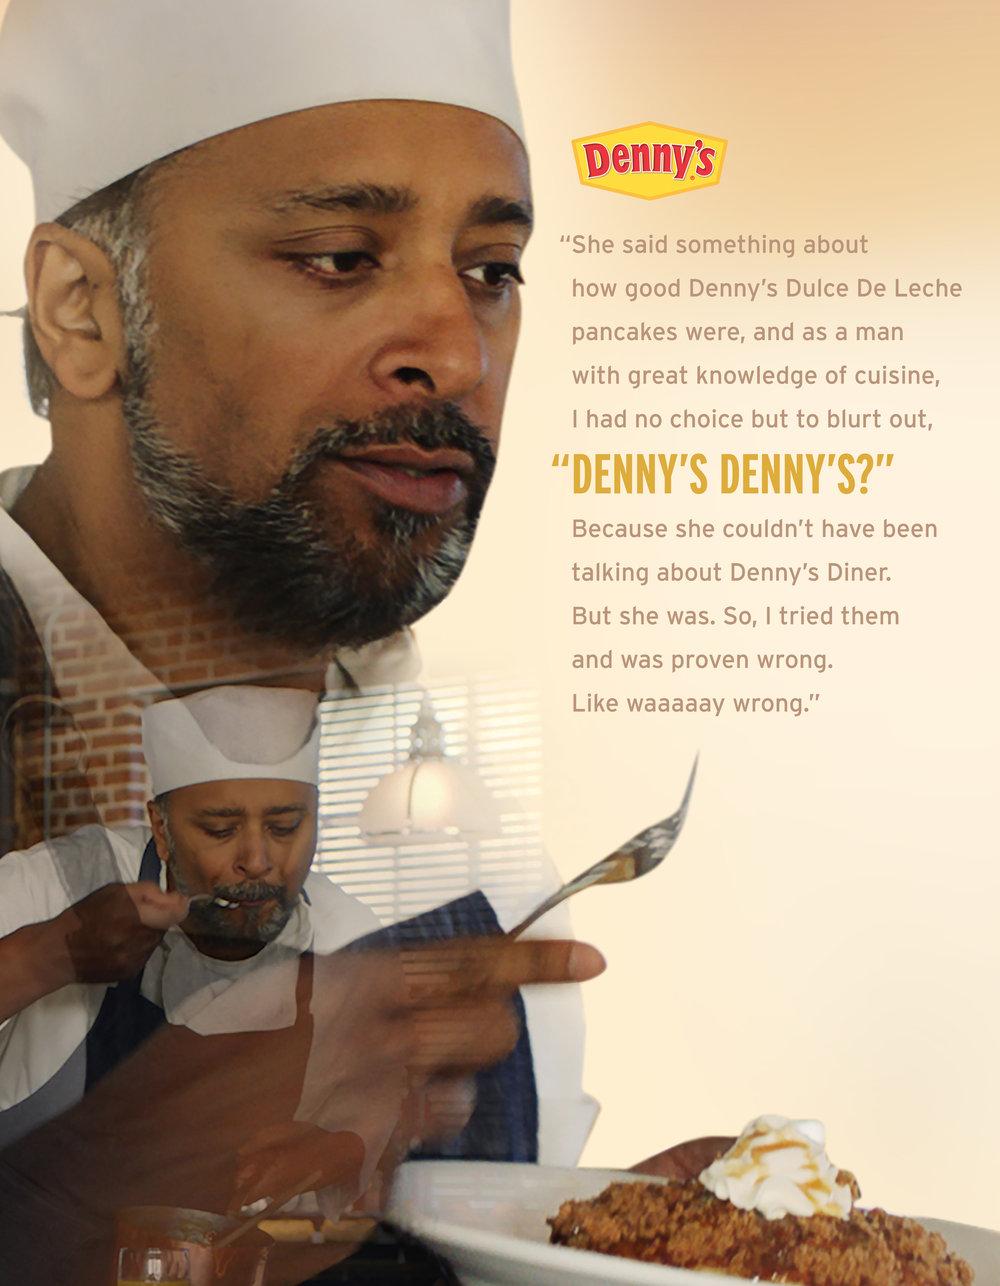 Dennys+Posters_Baker.jpg